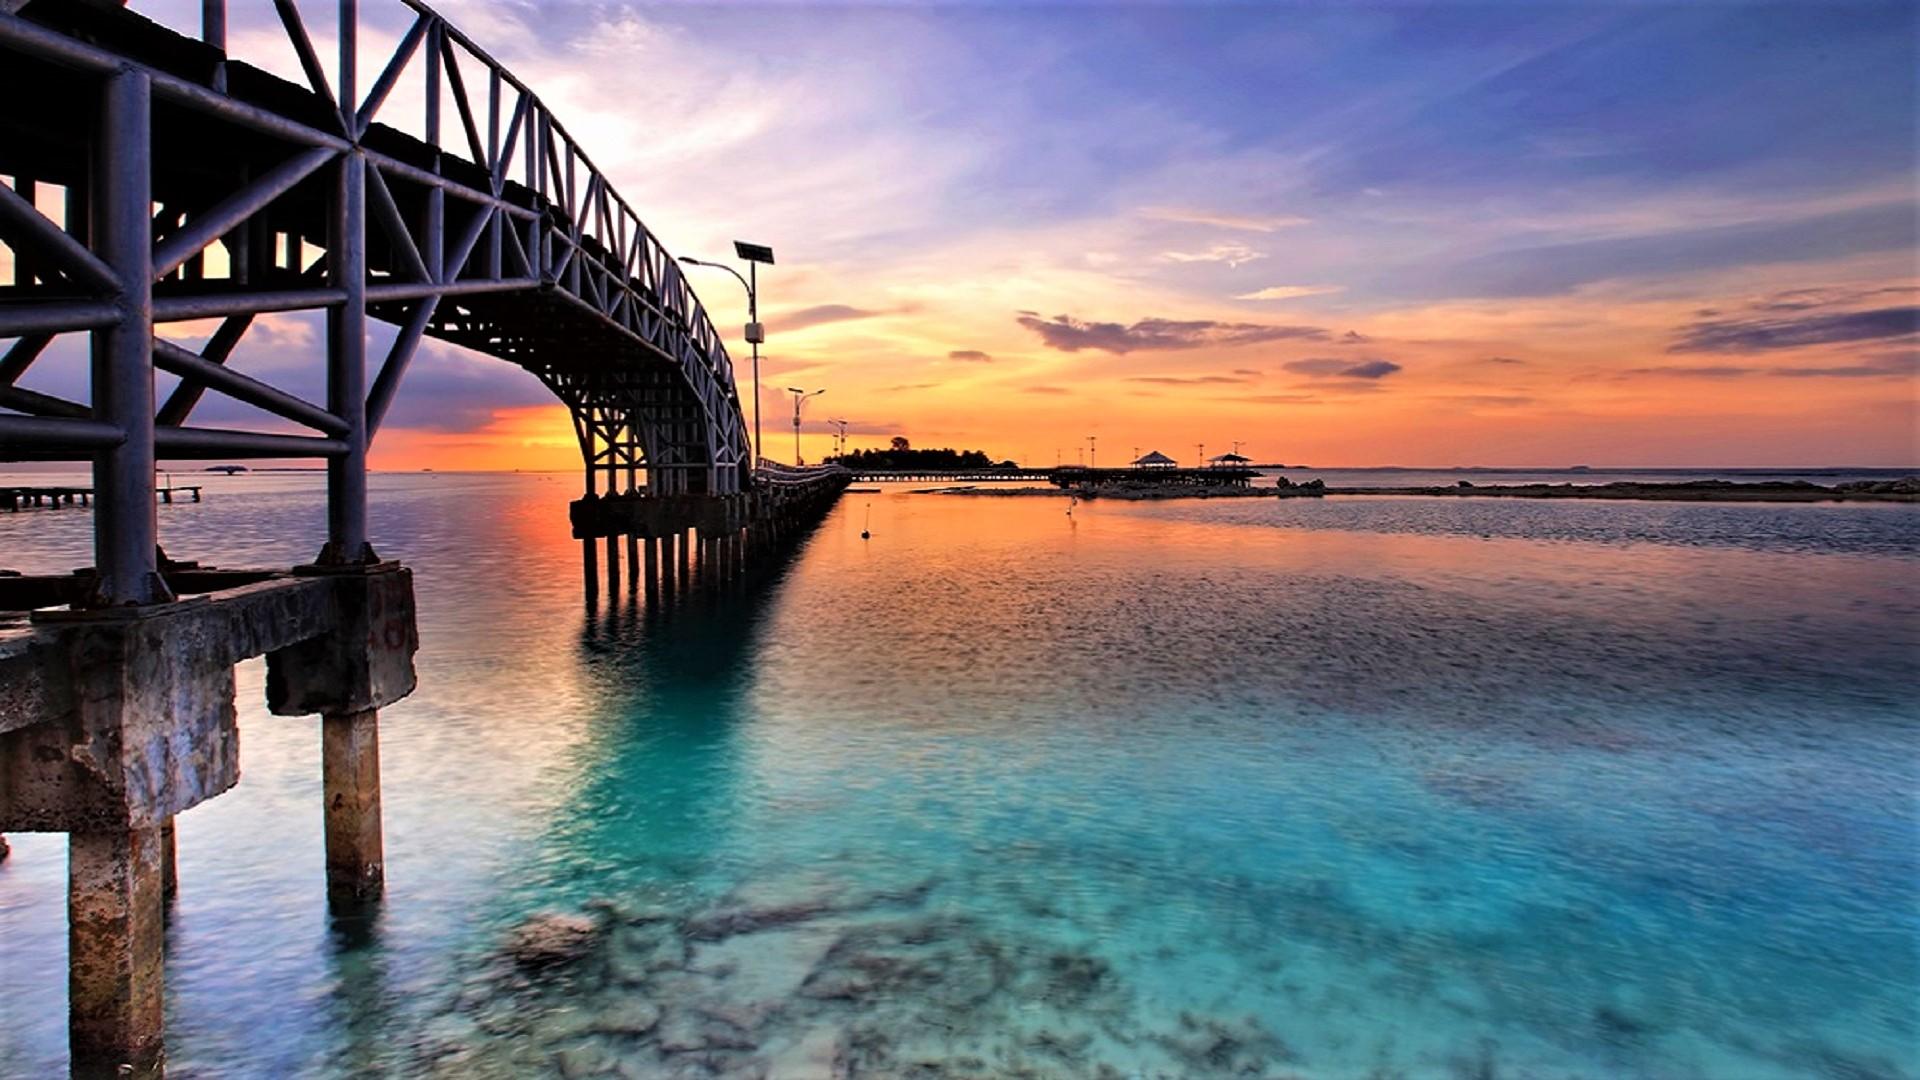 wisata Indonesia yang bagus